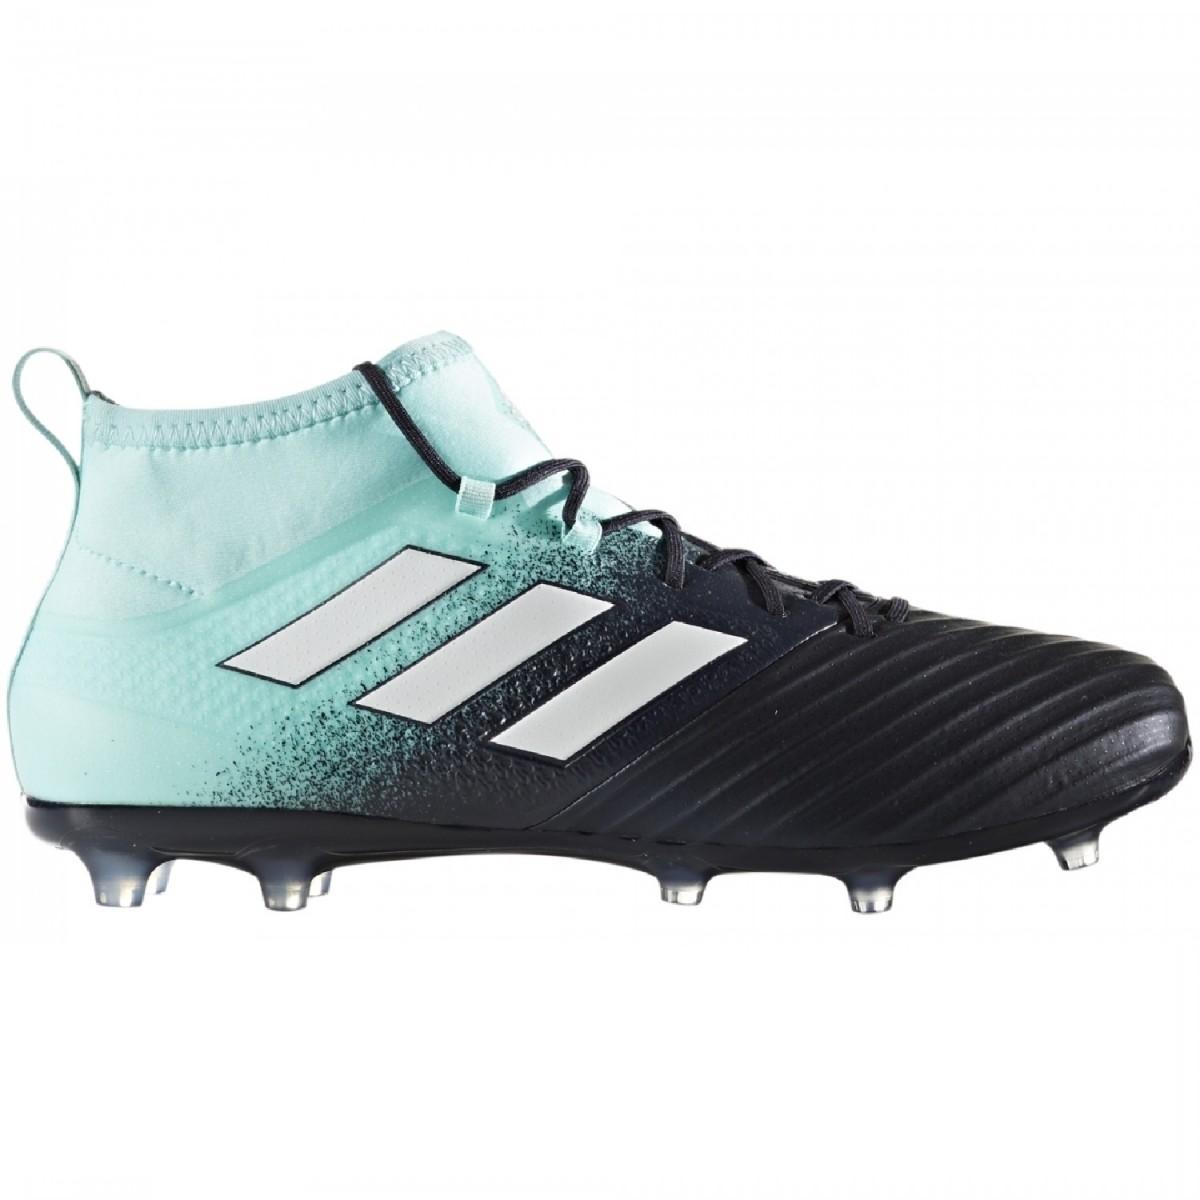 adidas ACE 17.2 FG Herren Fußballschuhe Nocken blau weiß